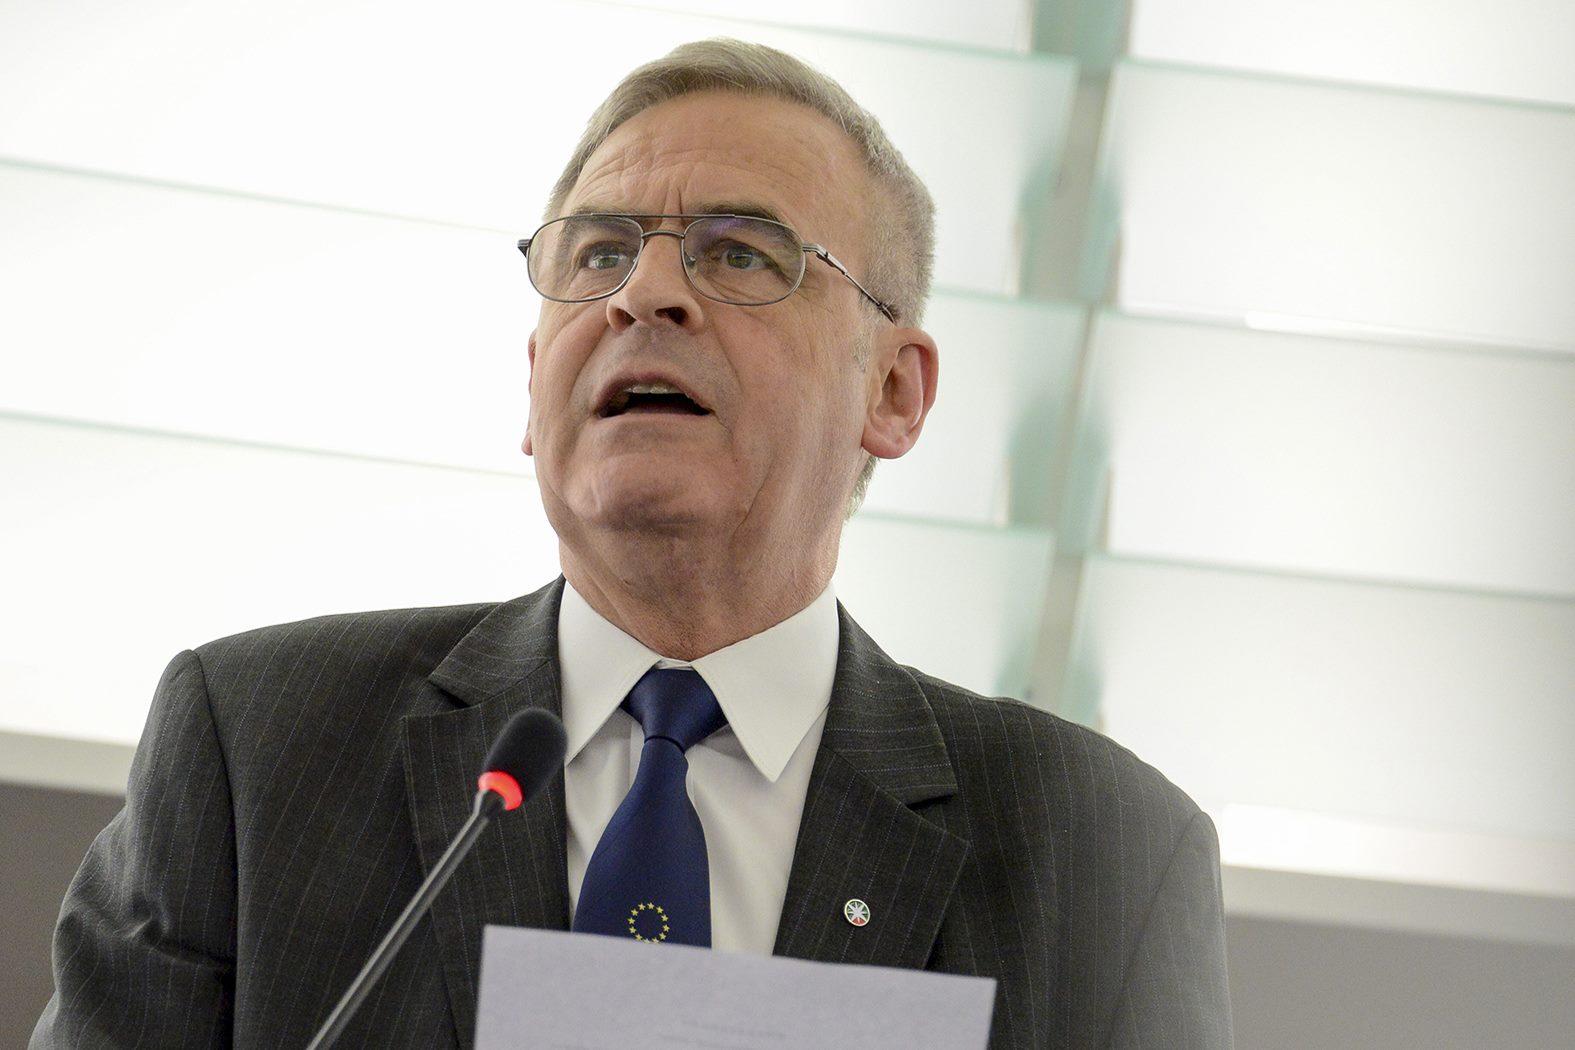 lászló tőkés Hungary MEP EU Fidesz